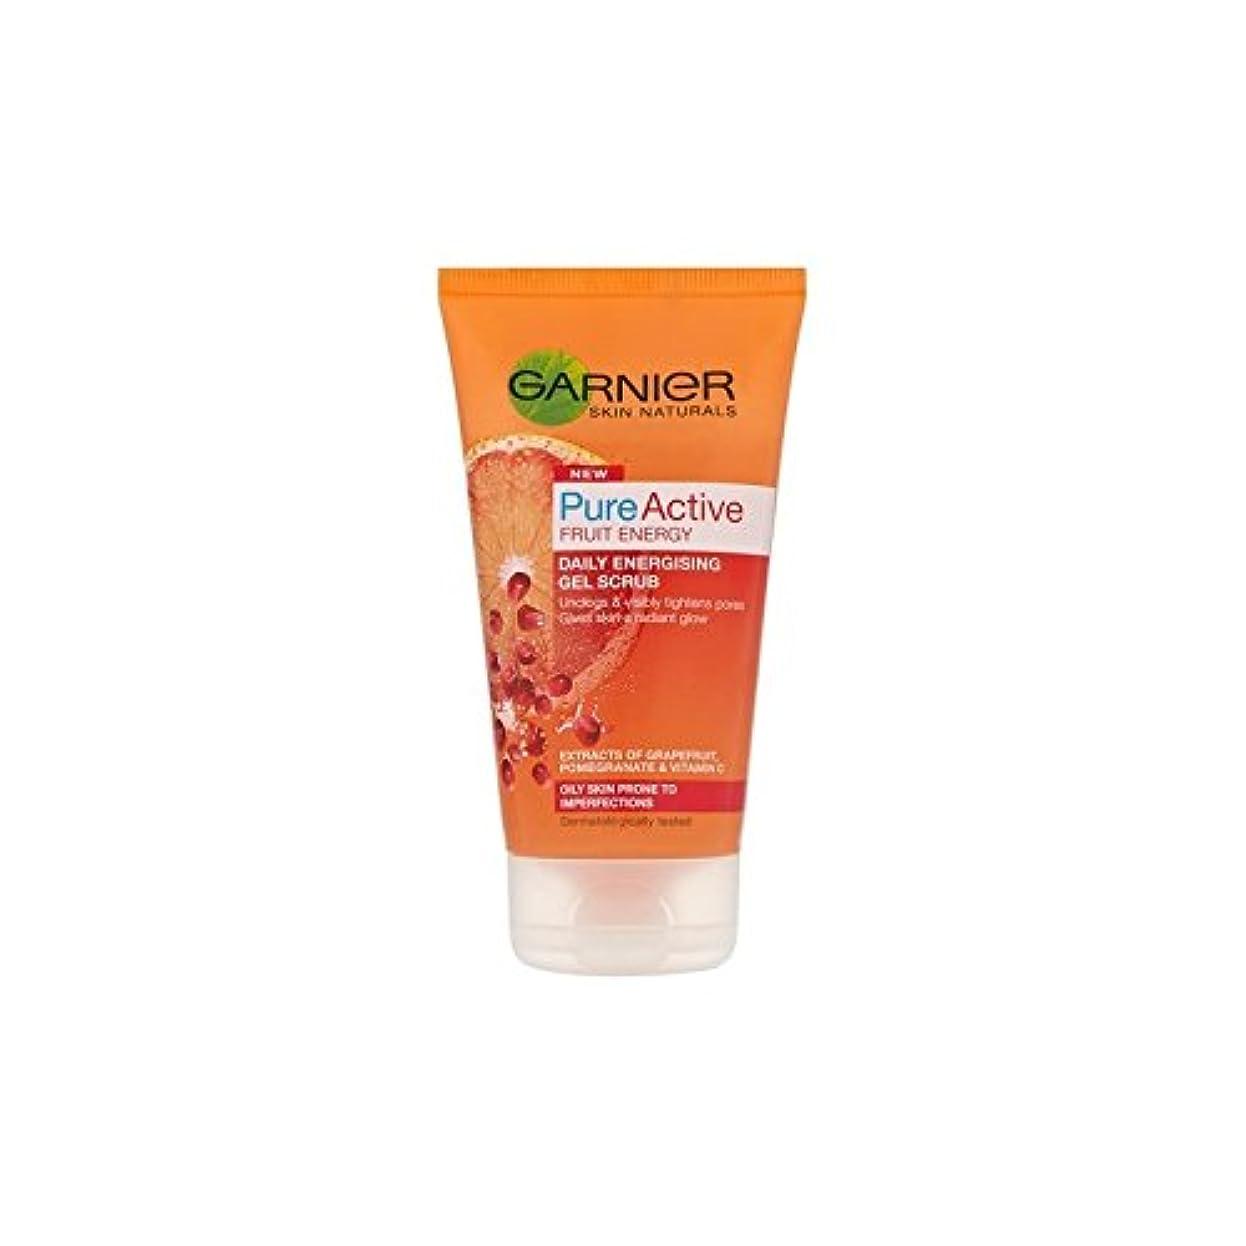 規制バレル遠近法Garnier Skin Naturals Pure Active Energising Gel Scrub (150ml) (Pack of 6) - 純粋な活性通電ゲルスクラブ(150ミリリットル)ガルニエ皮膚ナチュラル x6 [並行輸入品]